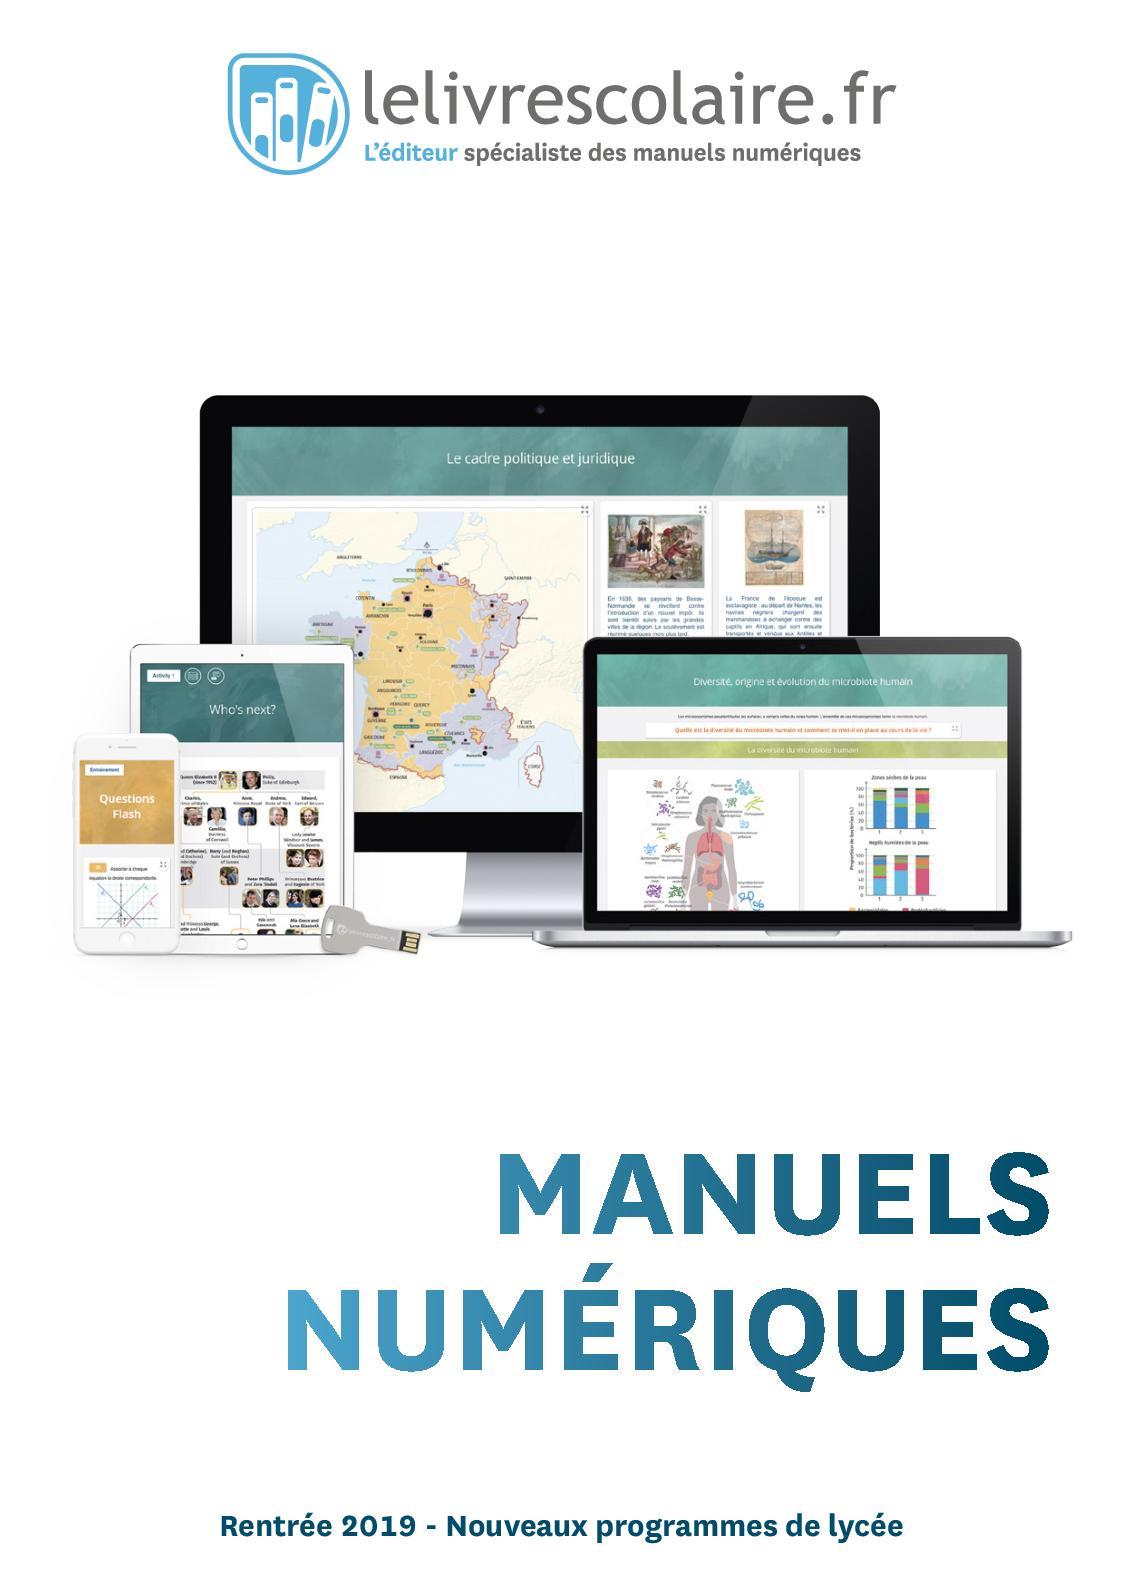 Lelivrescolaire.fr Lycée - Manuels Numériques